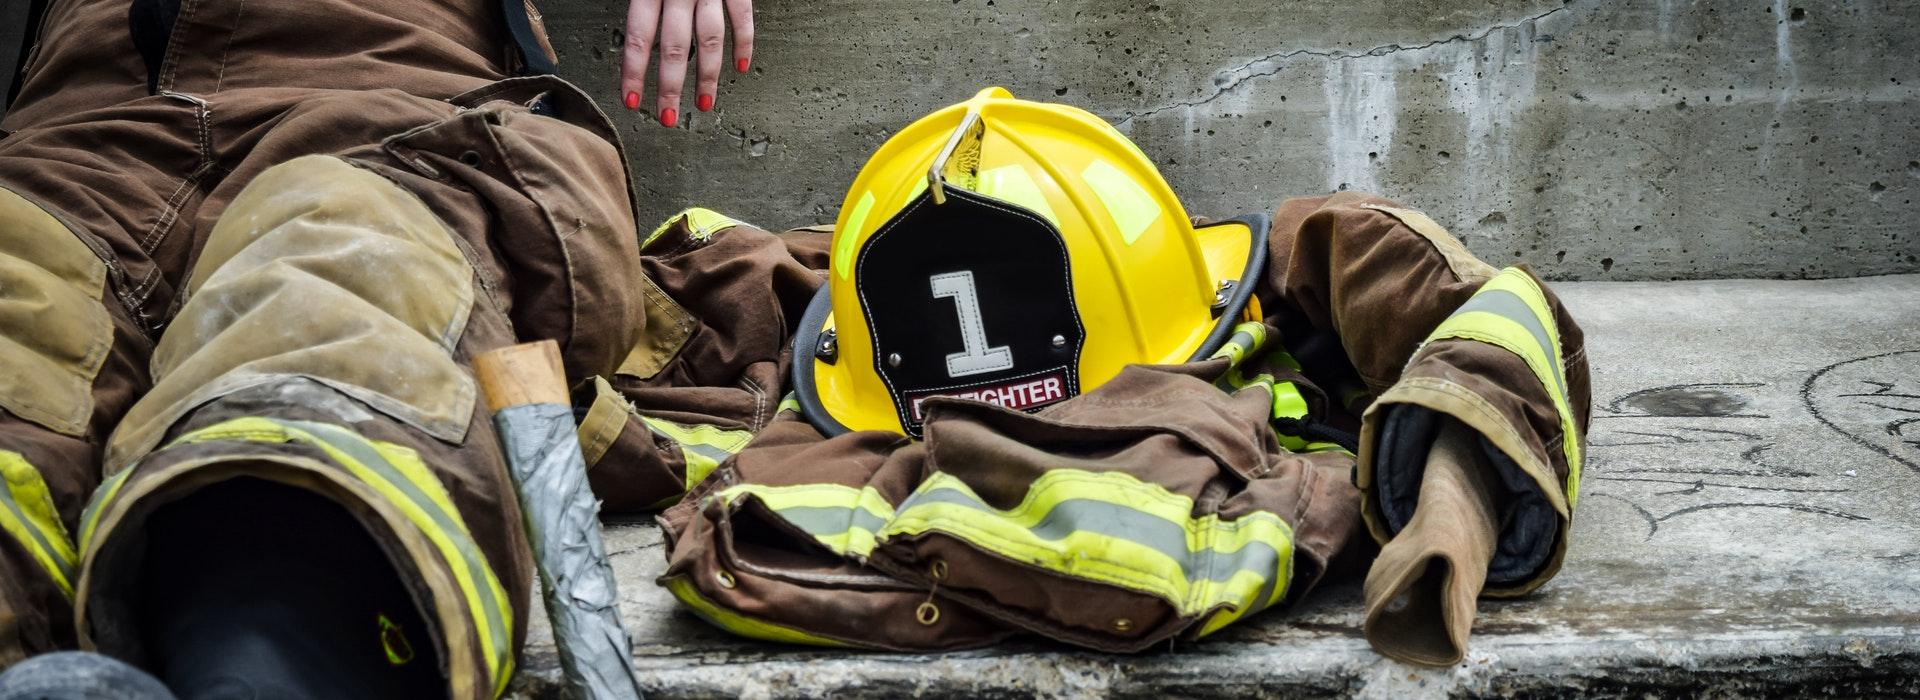 Un casque de sécurité jaune et une veste de pompier sont placés à côté d'un pompier assis par terre.